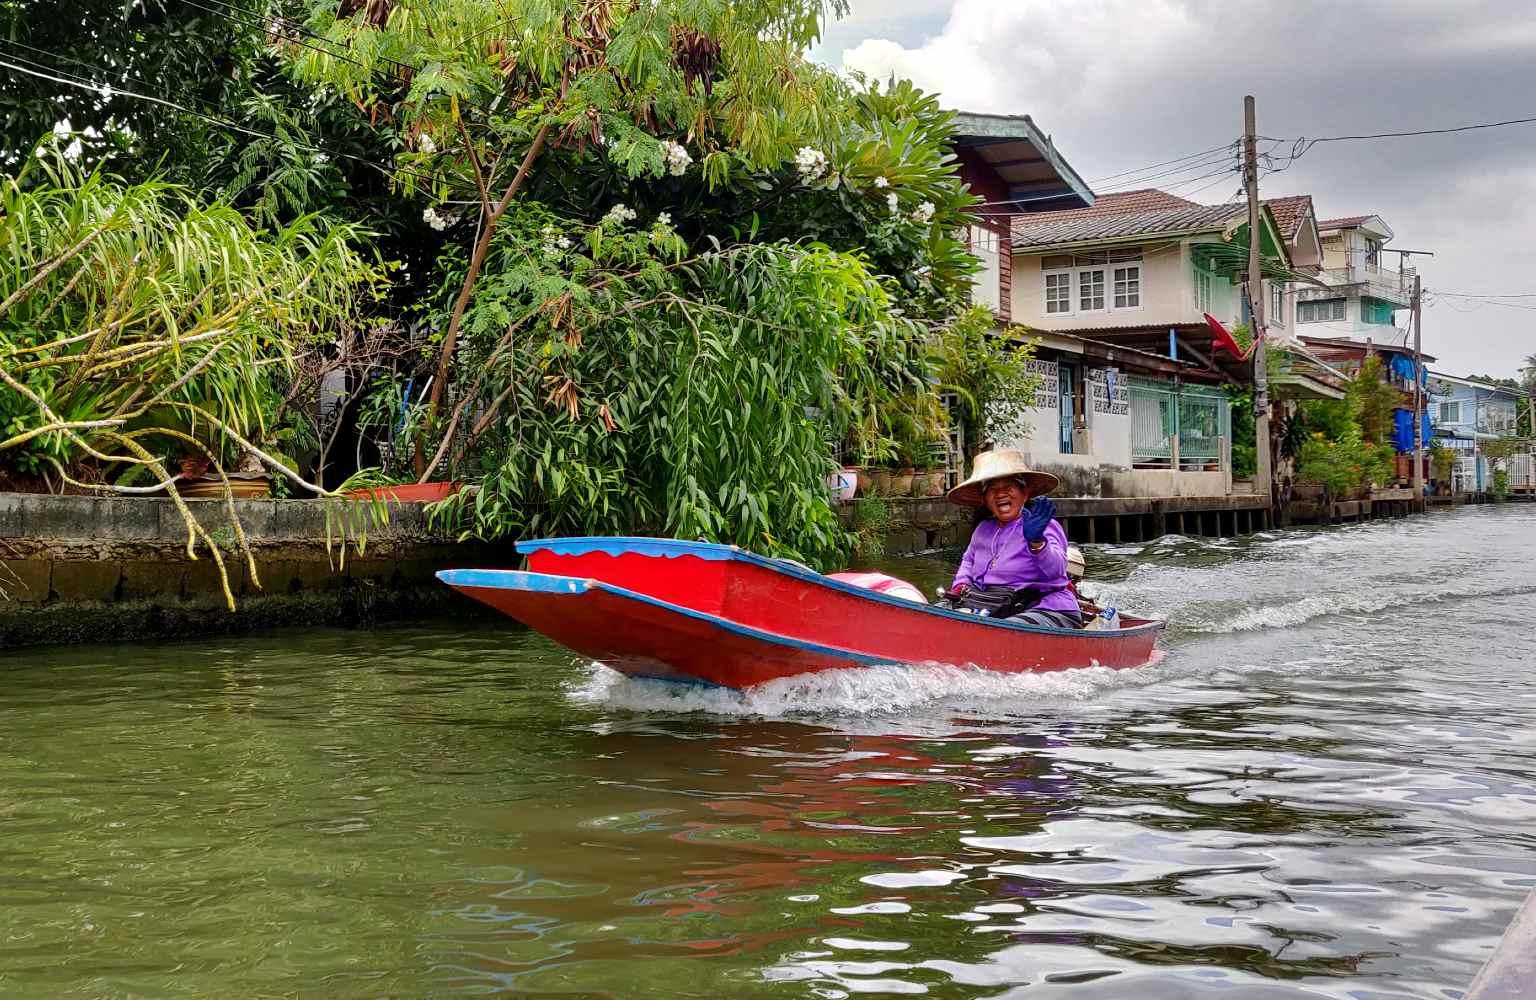 Thaise vrouw zwaait vanuit een voorbij varende longtailboot